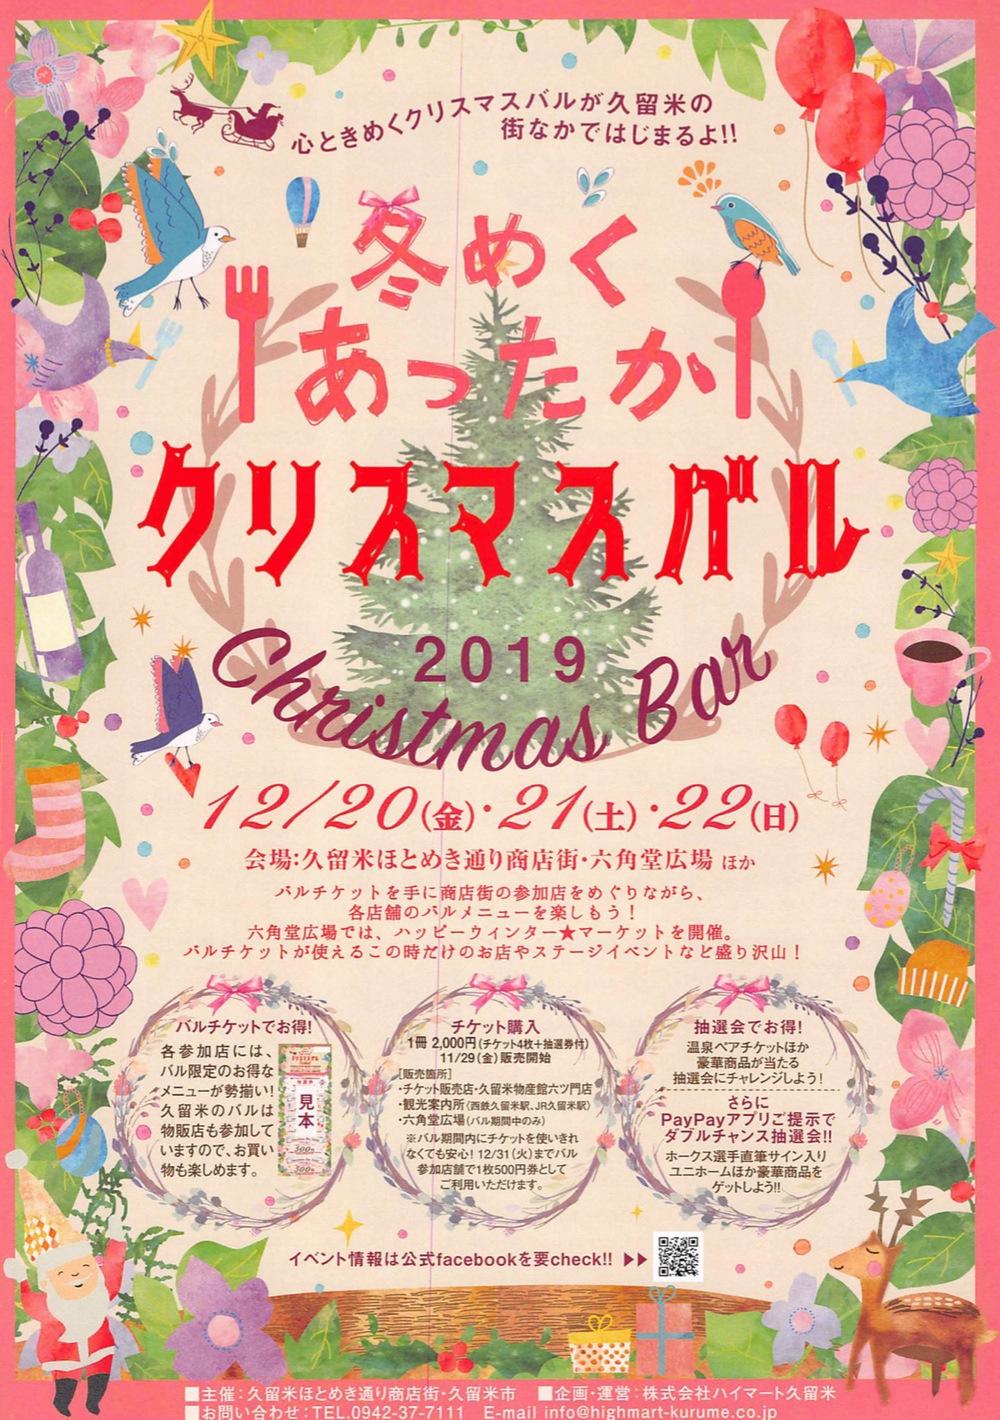 冬めくあったかクリスマスバル2019 バル限定のおトクなメニュー勢揃い【久留米】